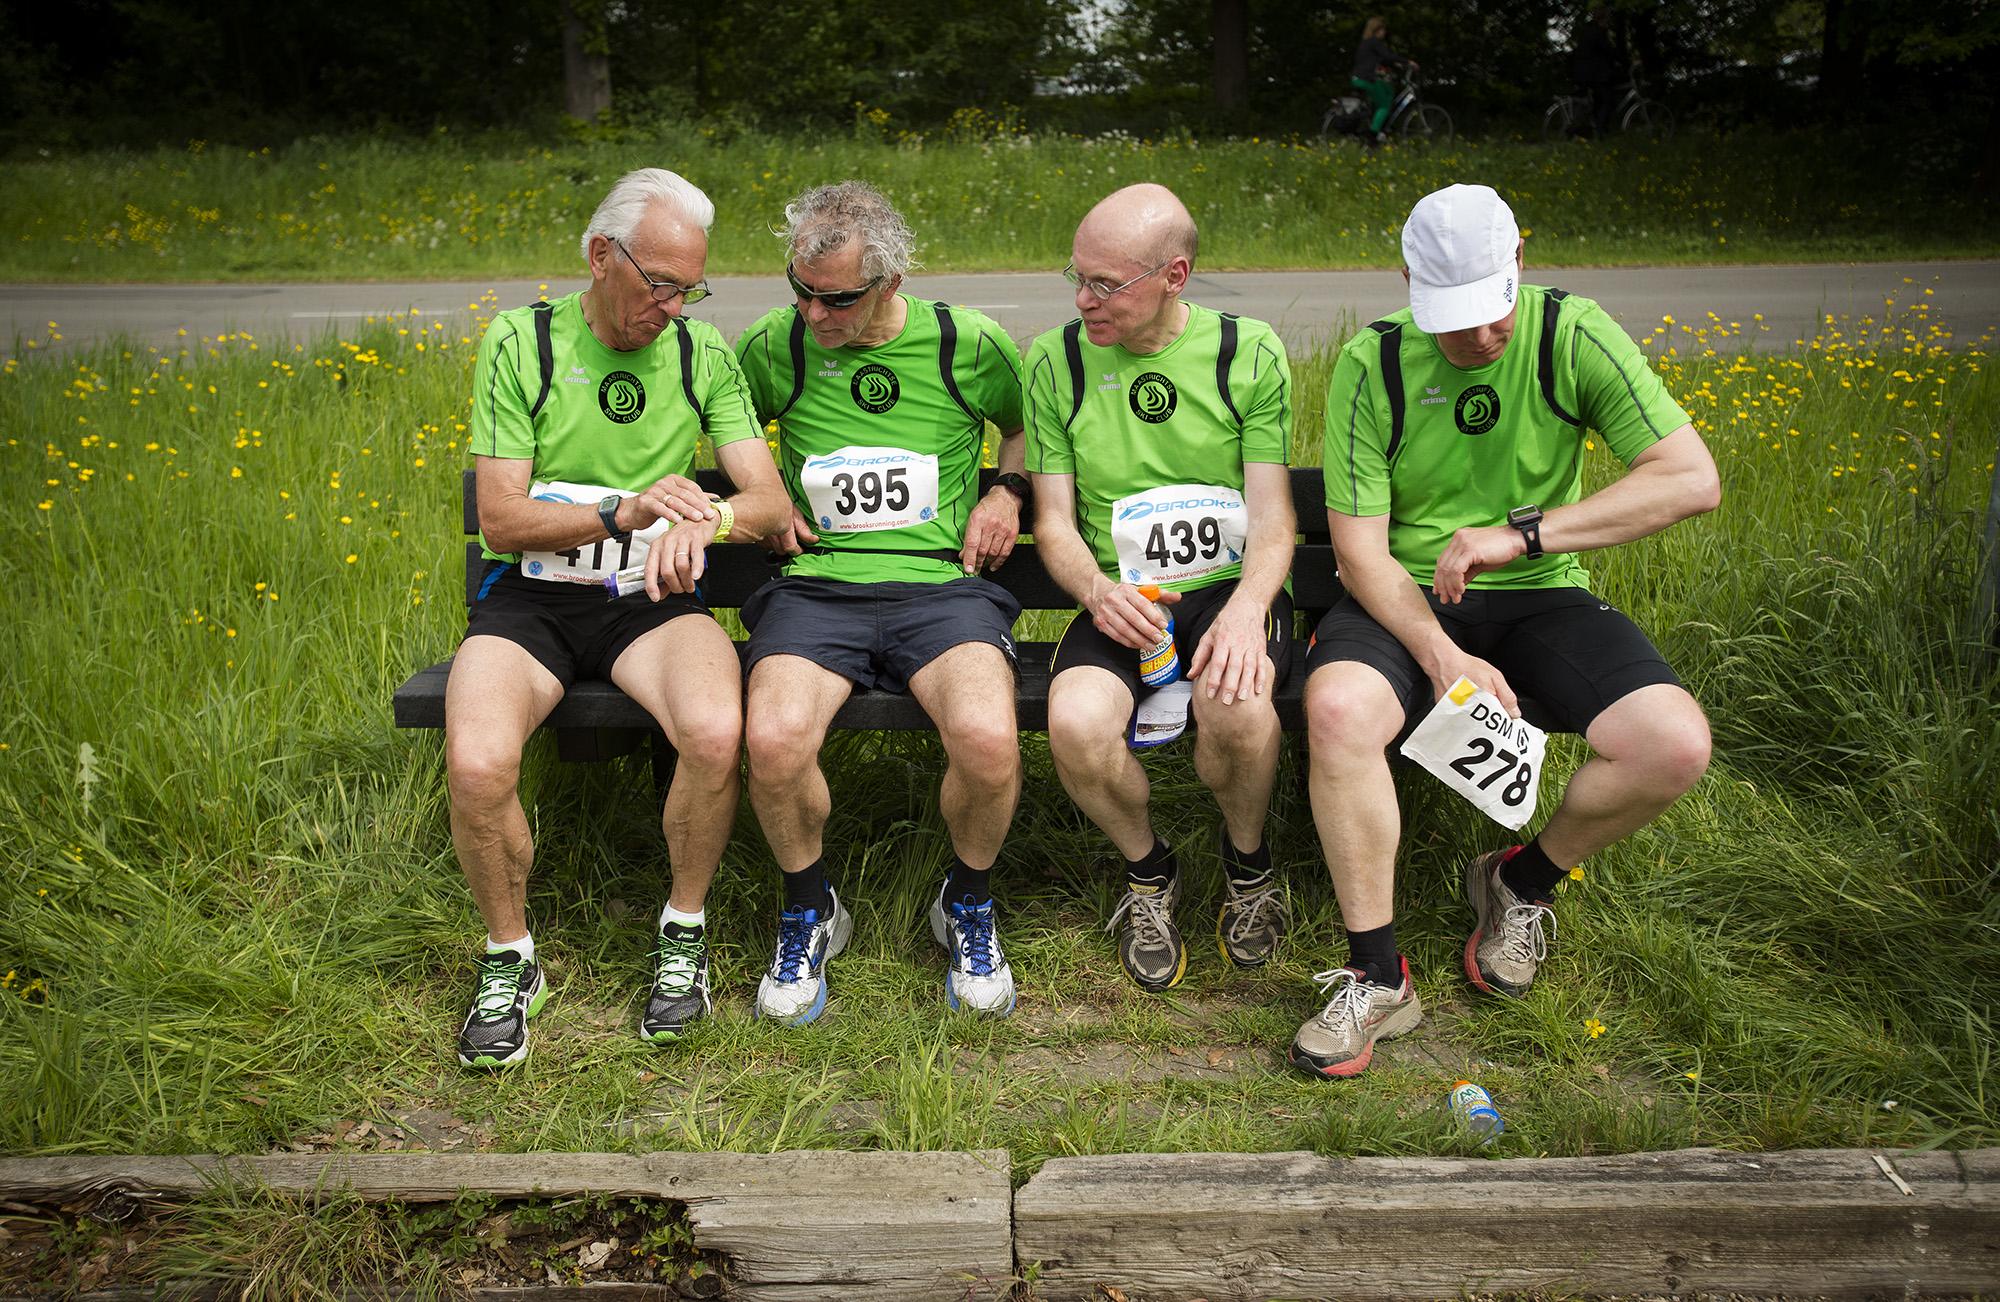 Foto van vier mannen op een bankje in marathon kleding groen